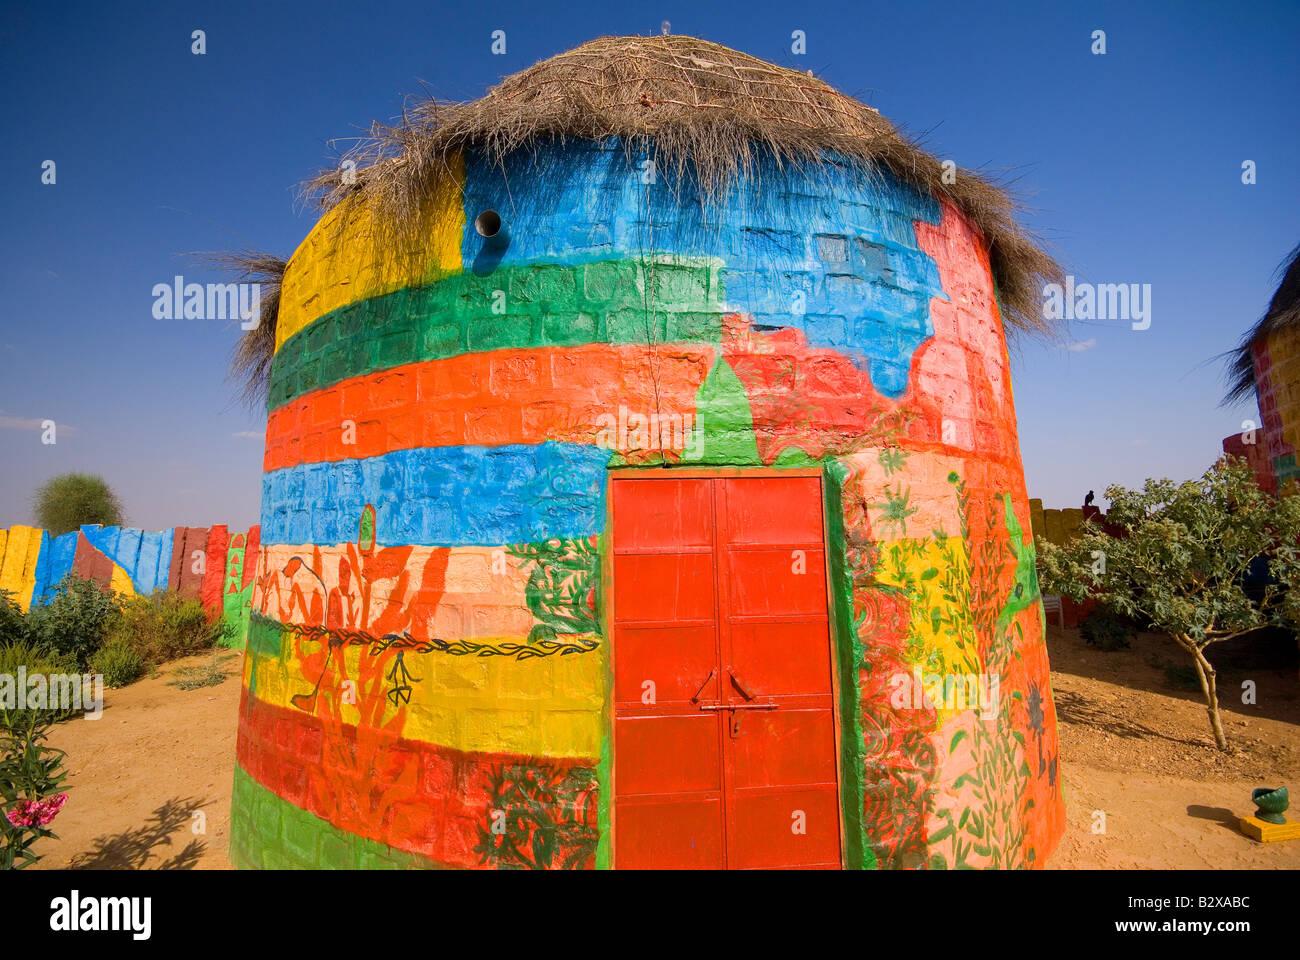 Artist Colony, grand désert de Thar, près de Jaisalmer, Rajasthan, Inde, sous-continent indien, en Asie Banque D'Images